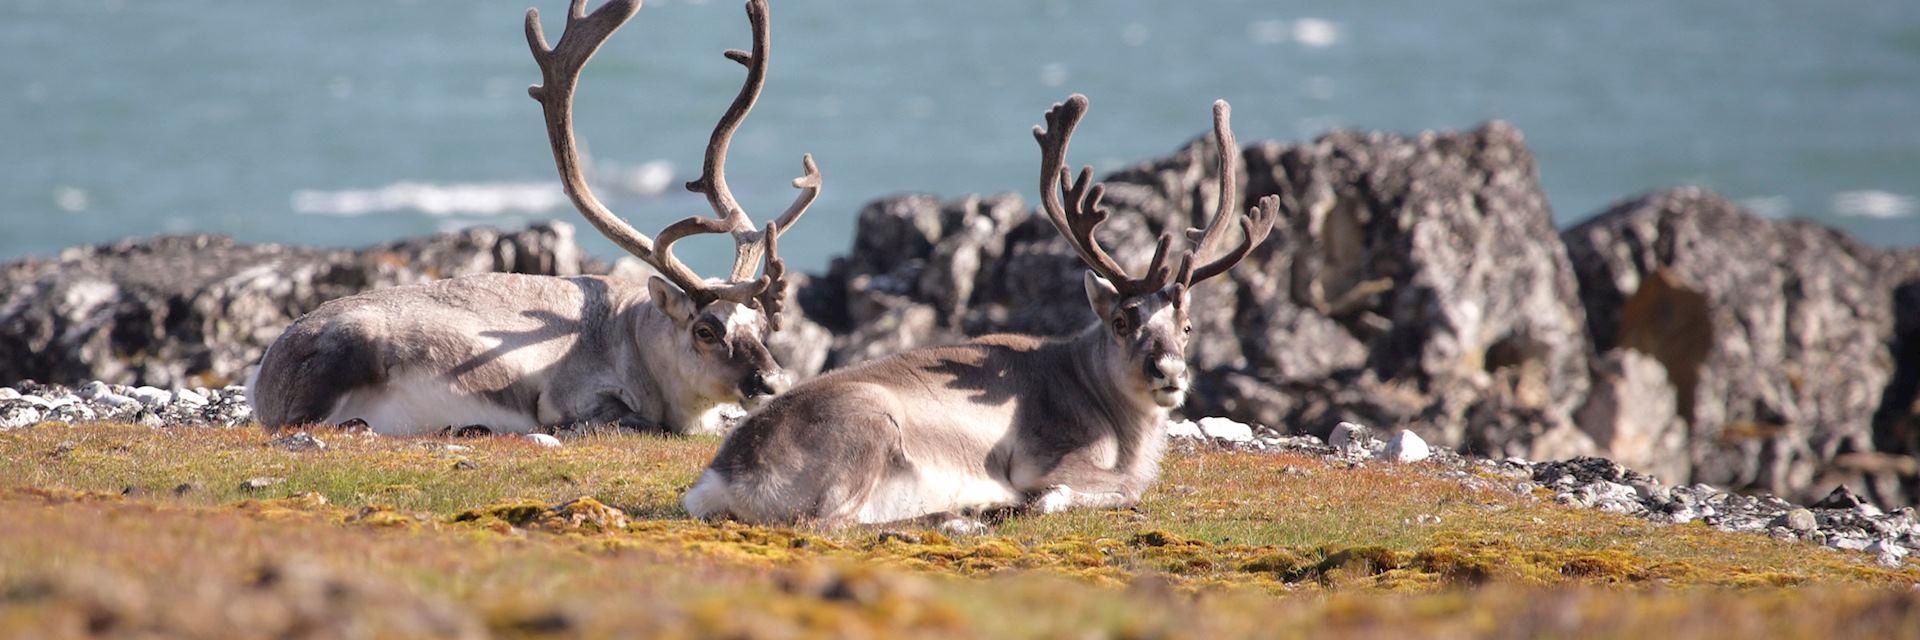 Arctic caribou in Spitsbergen